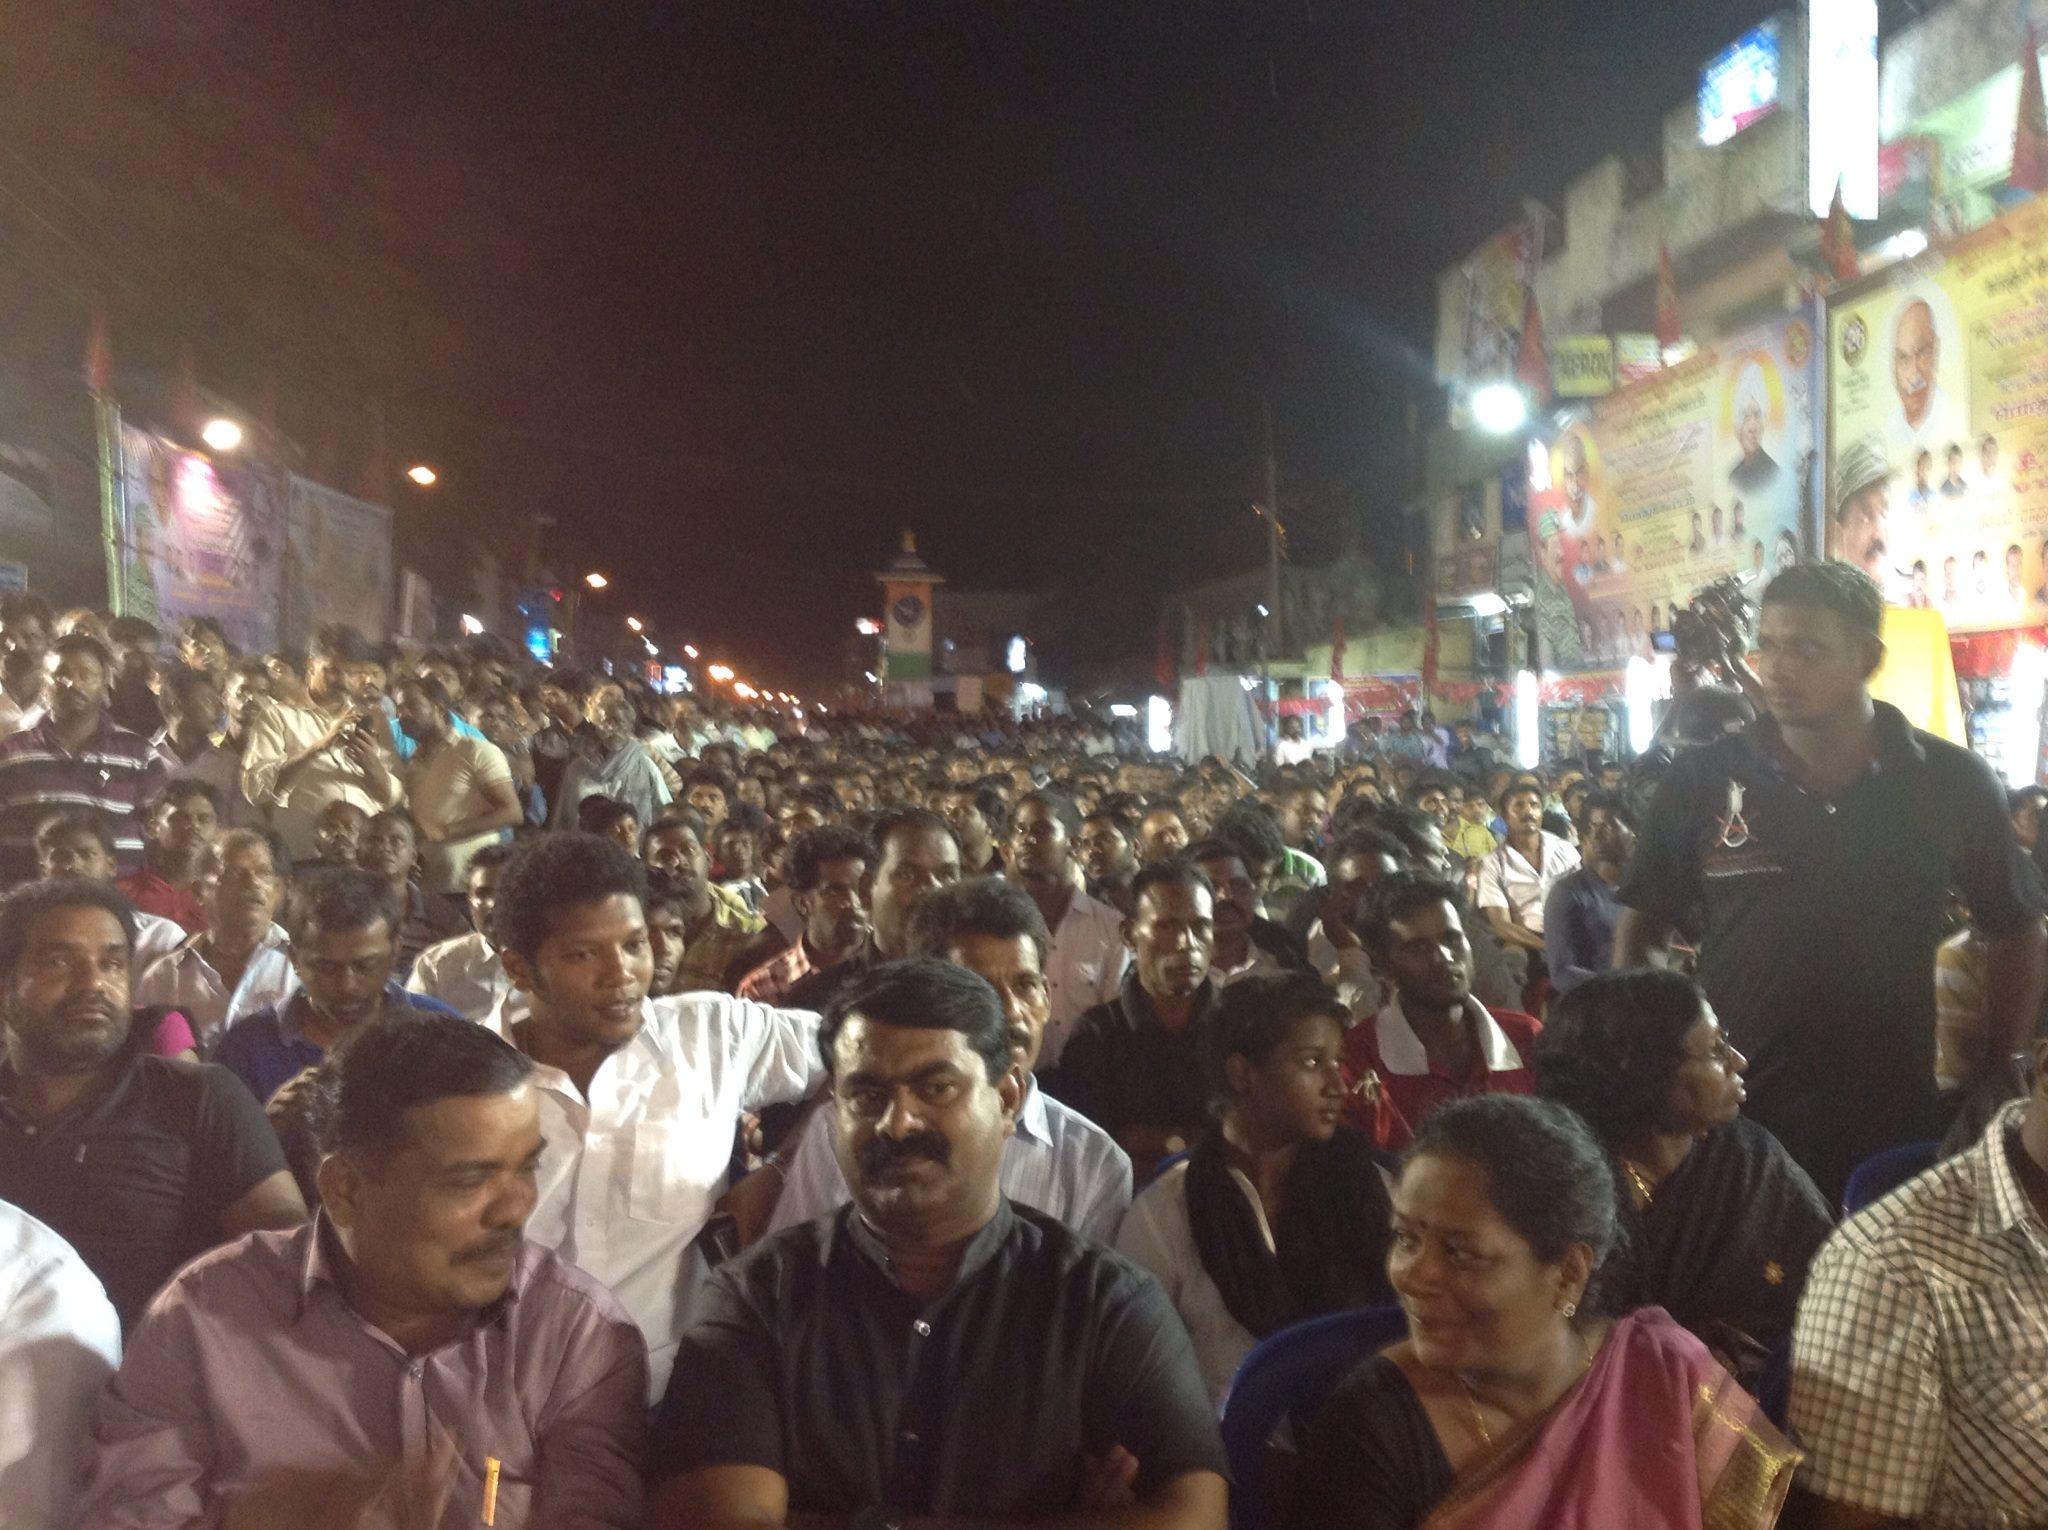 26.07.2014 அன்று காஞ்சிபுரம் மாவட்டம் திருபெரும்புதூரில் பொதுக்கூட்டம் நடைப்பெற்றது.